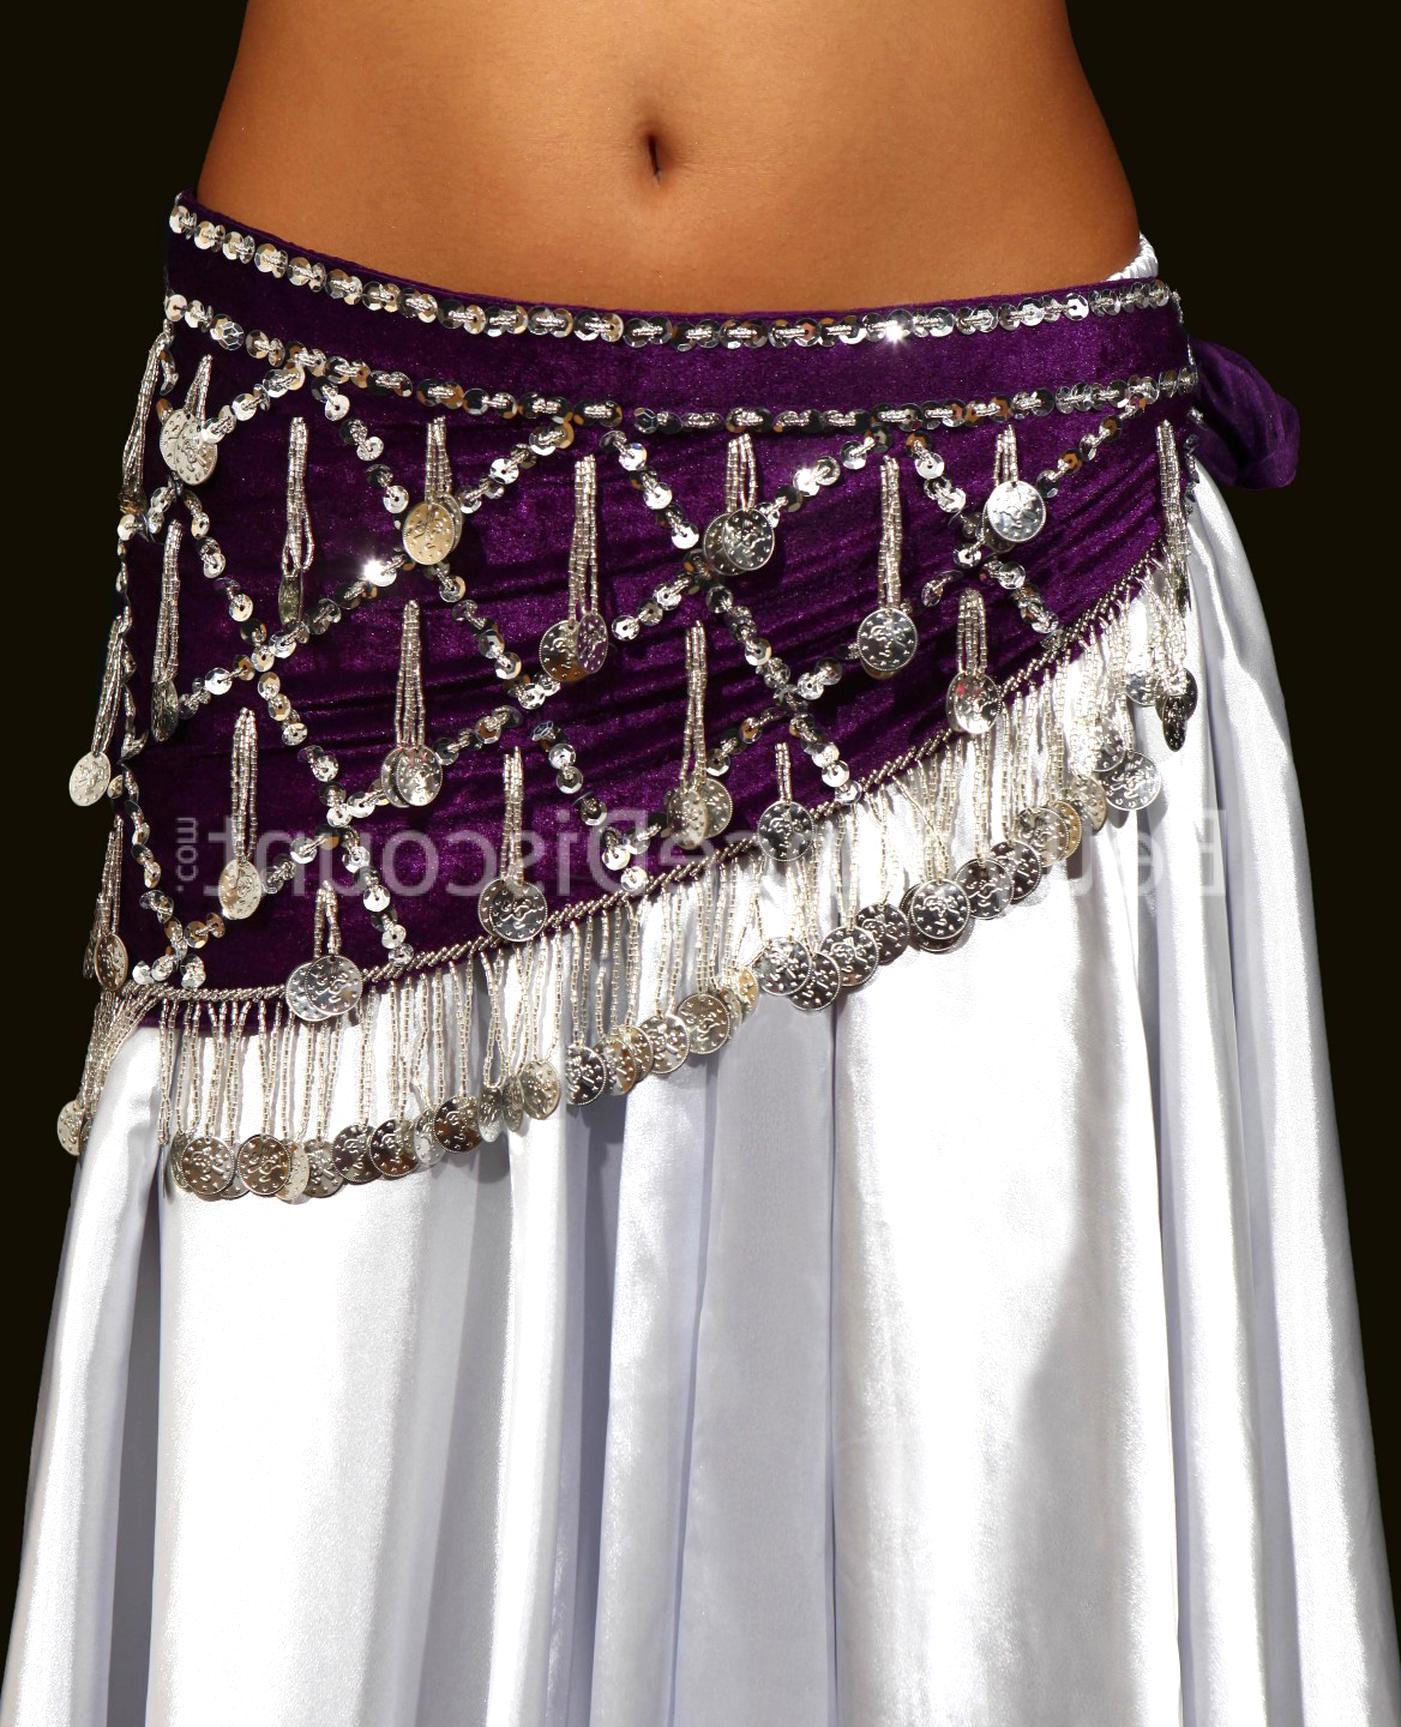 ceinture danse orientale d'occasion